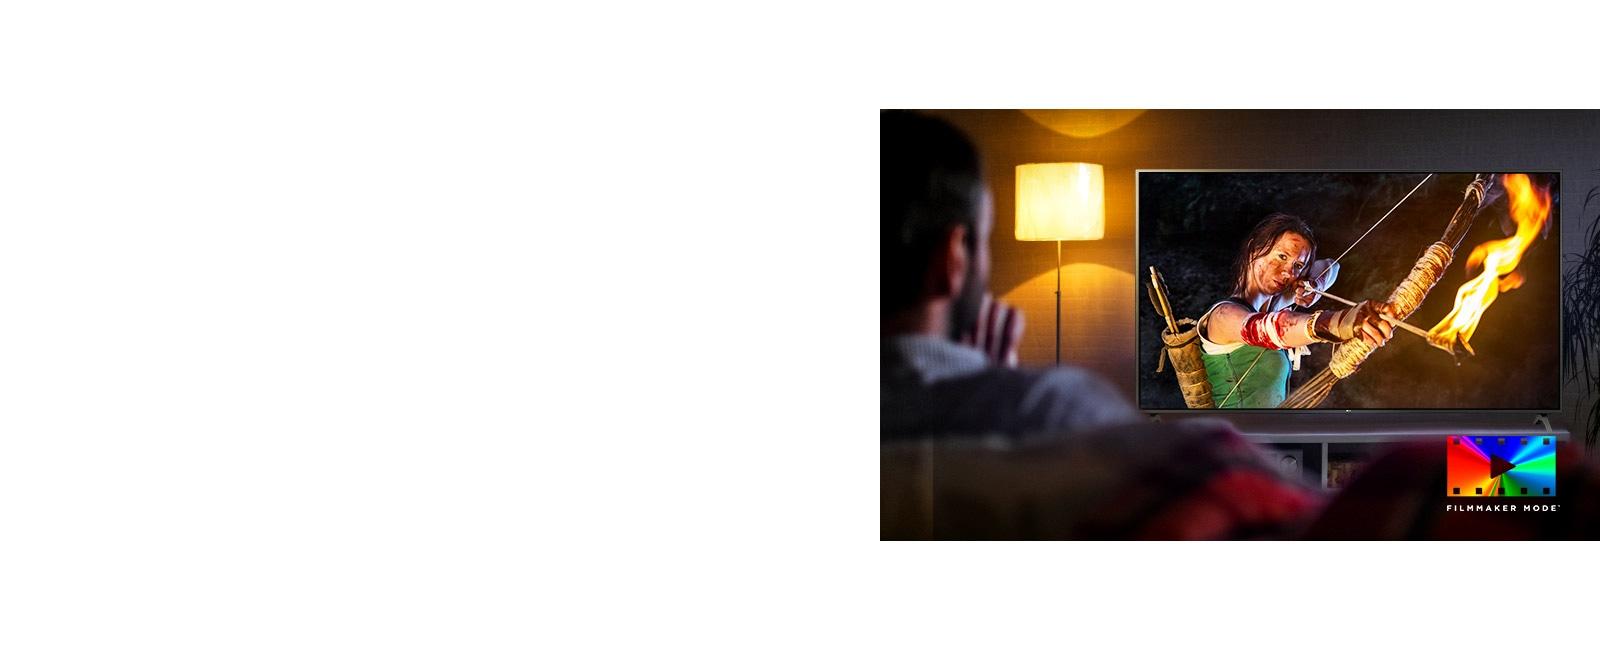 Un homme est assis sur un canapé en train de regarder un film d'action. La fille à la télévision a un arc et une flèche entièrement dessinés.